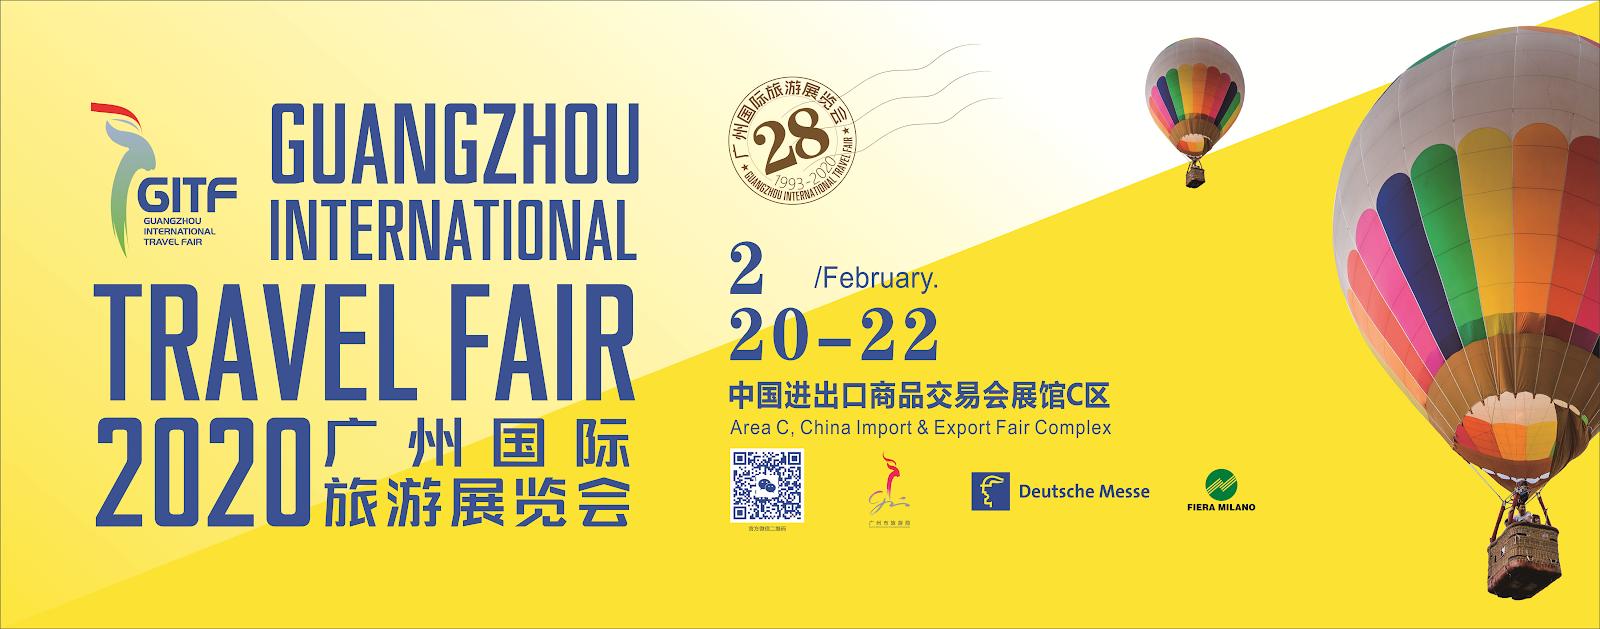 Guangzhou International Travel Fair – Guangzhou, China February 21-23, 2019; February 20-22, 2020